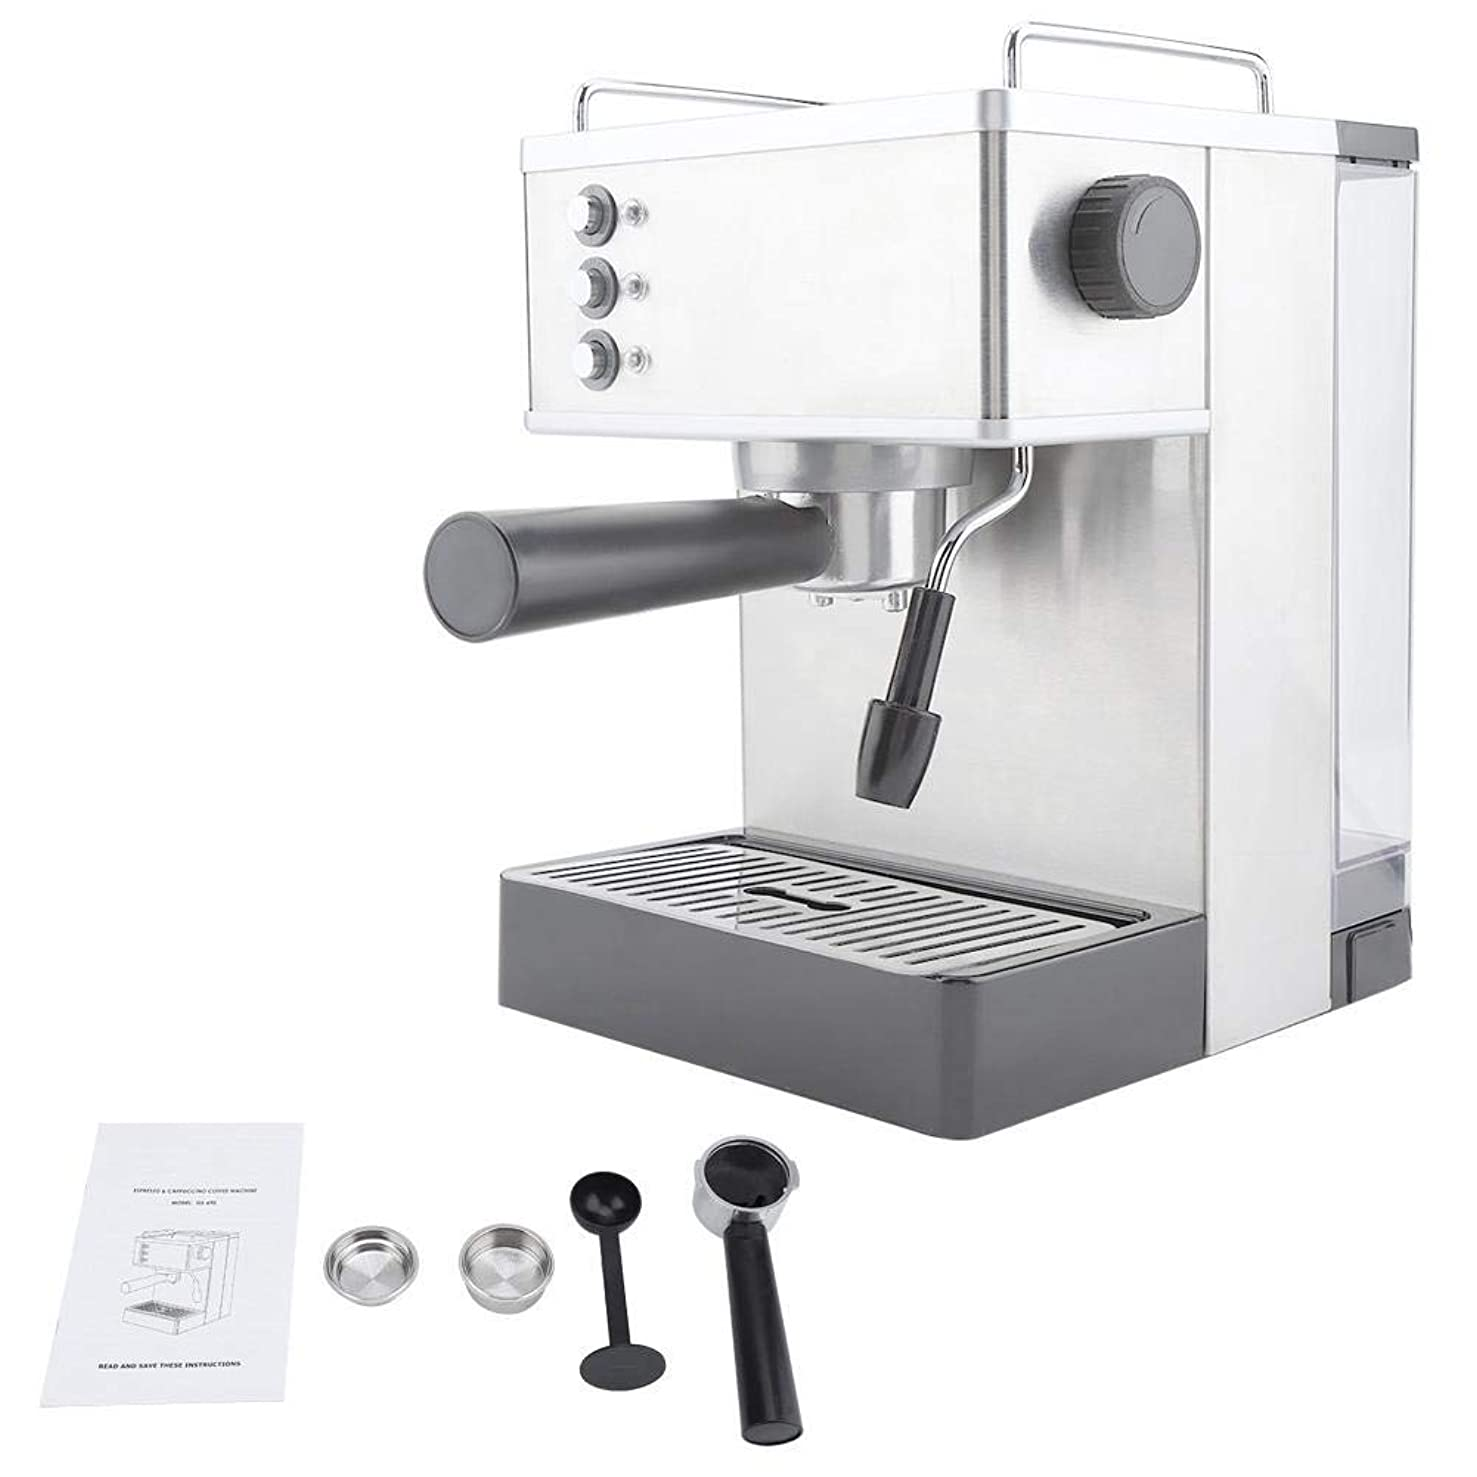 類推小康コンテストコーヒーマシン、ステンレススチールエスプレッソコーヒーマシンコーヒーメーカー高圧イタリアポンプ(US Plug)